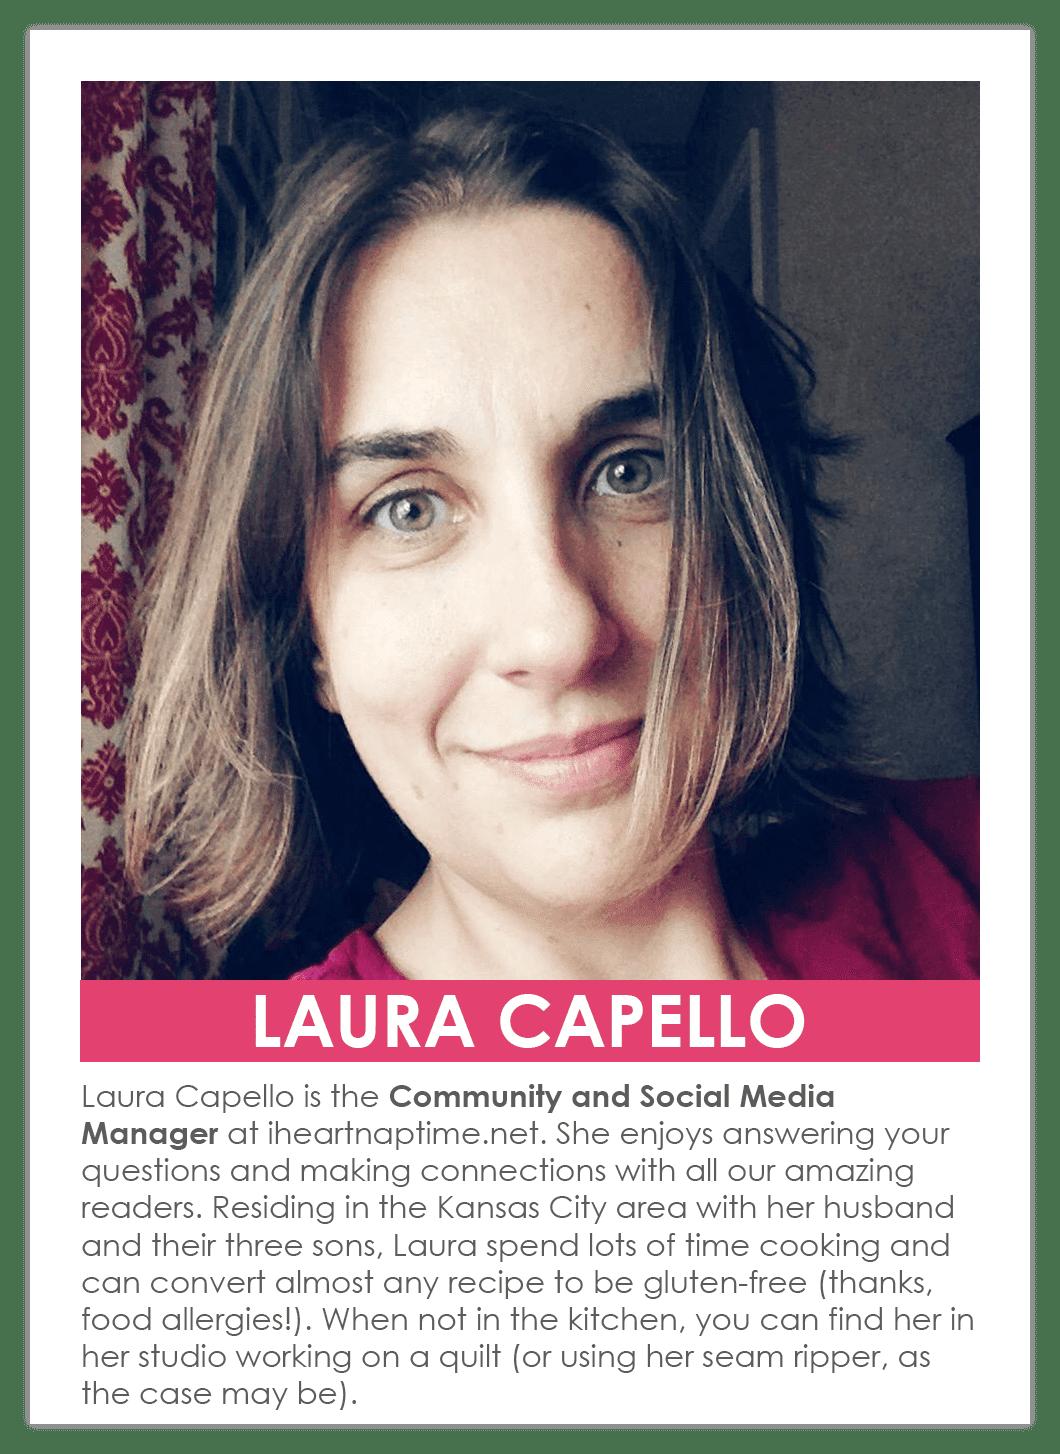 Laura Capello